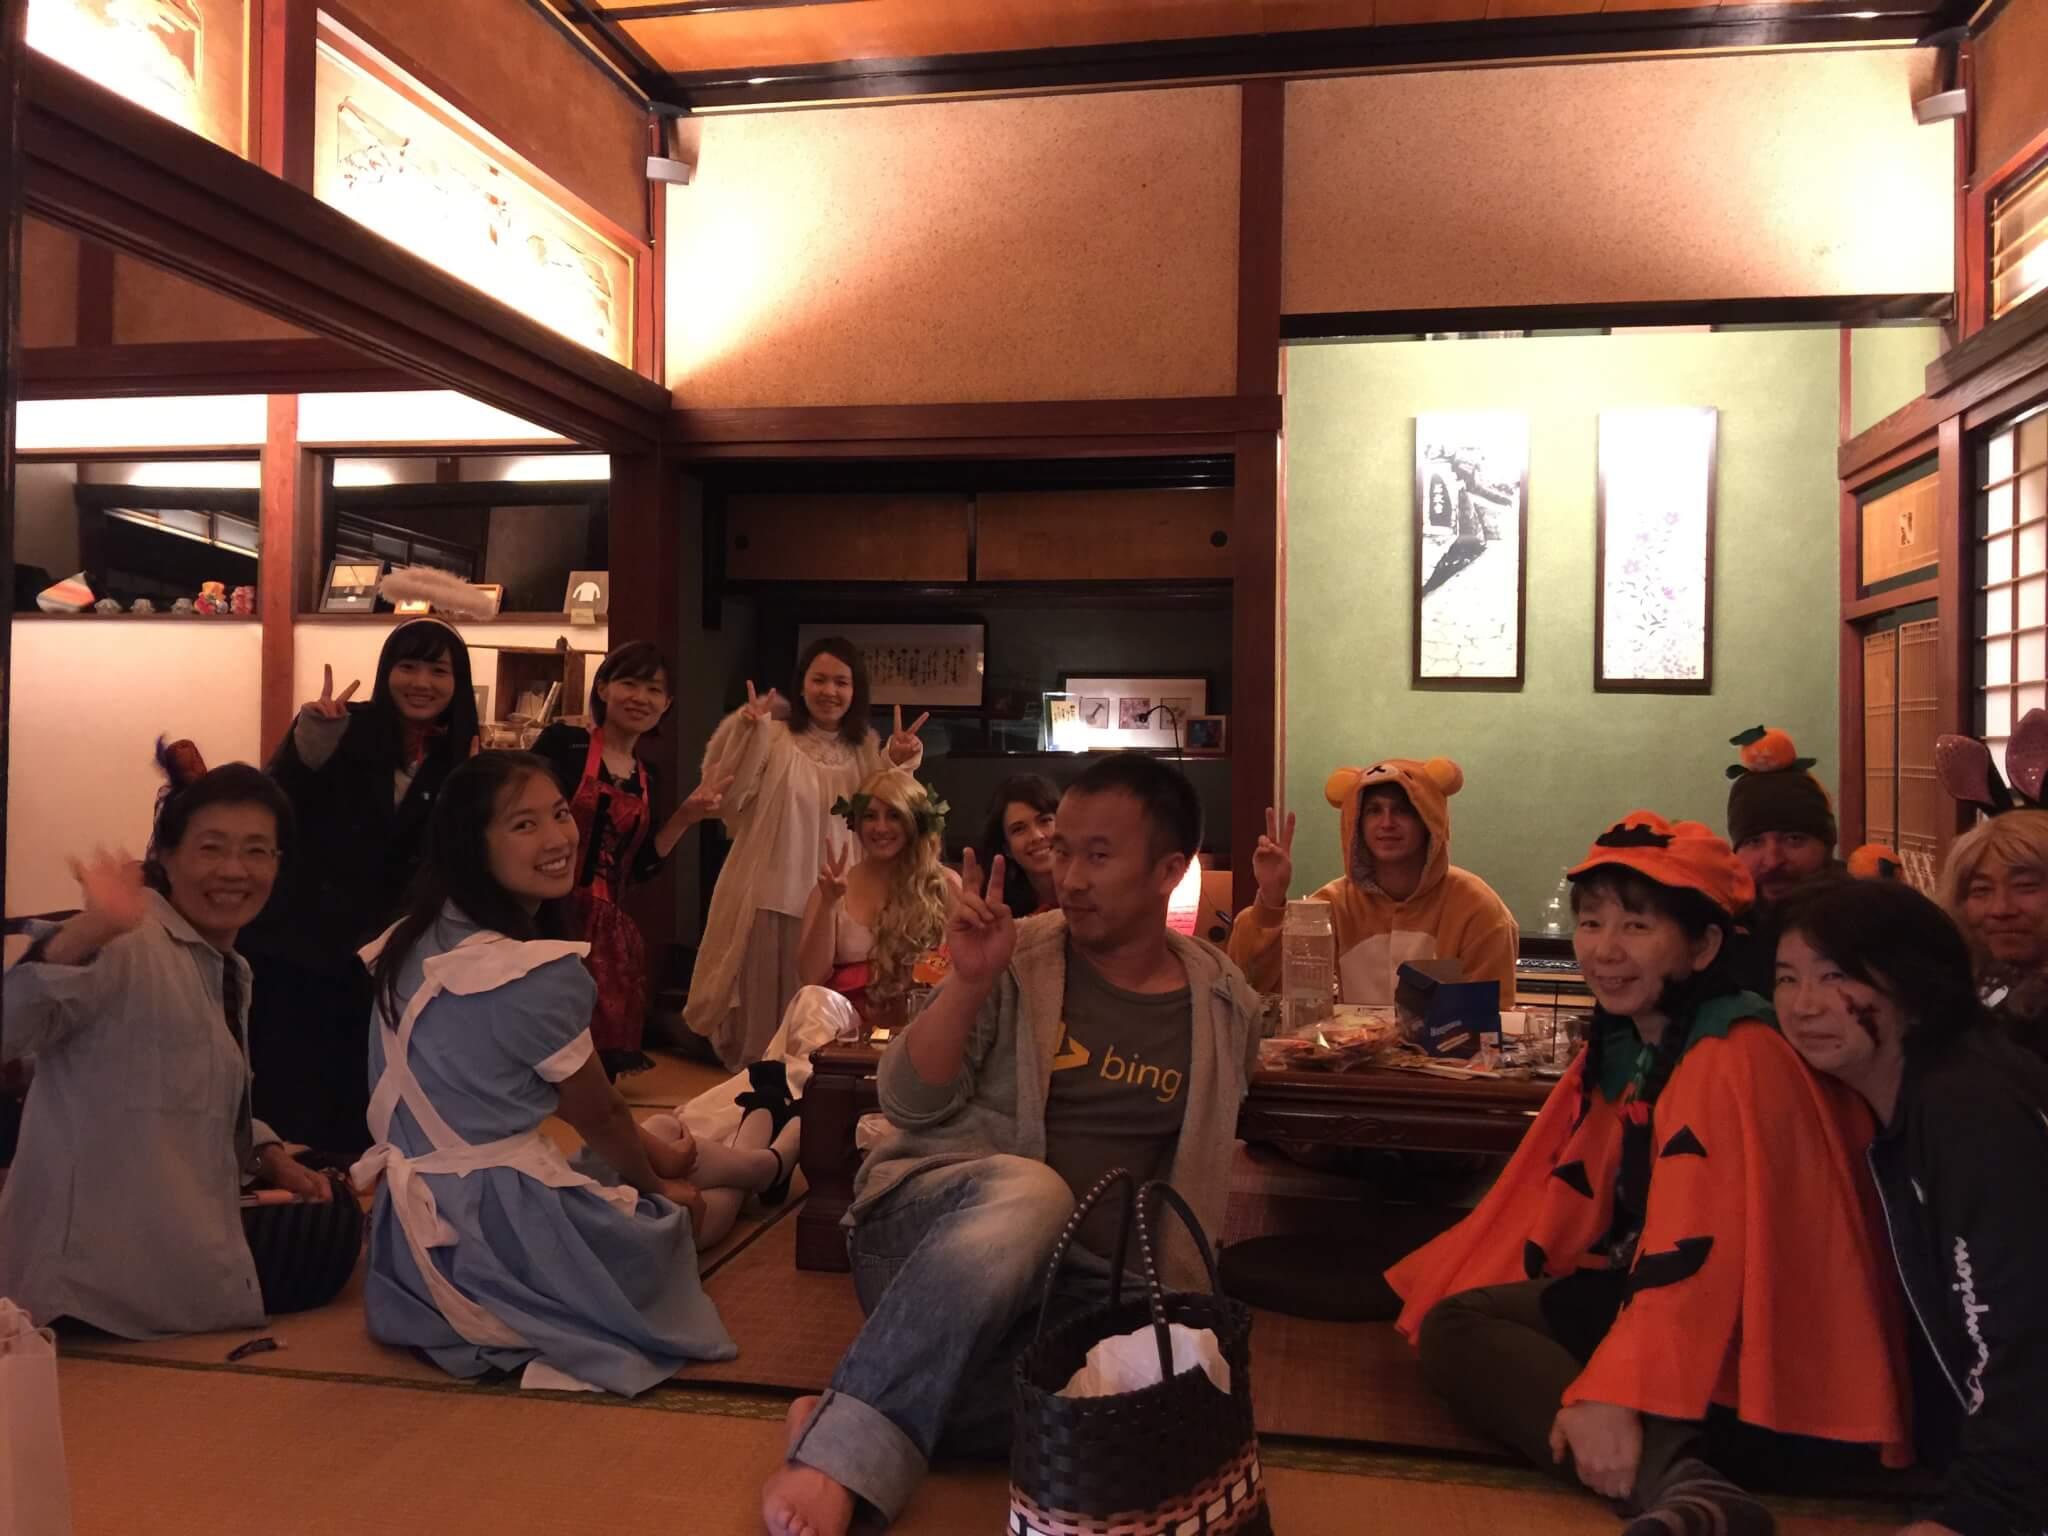 ゲストハウス・ナマケモノ(namecameono)で開催されているイングリッシュ(英語)カフェ